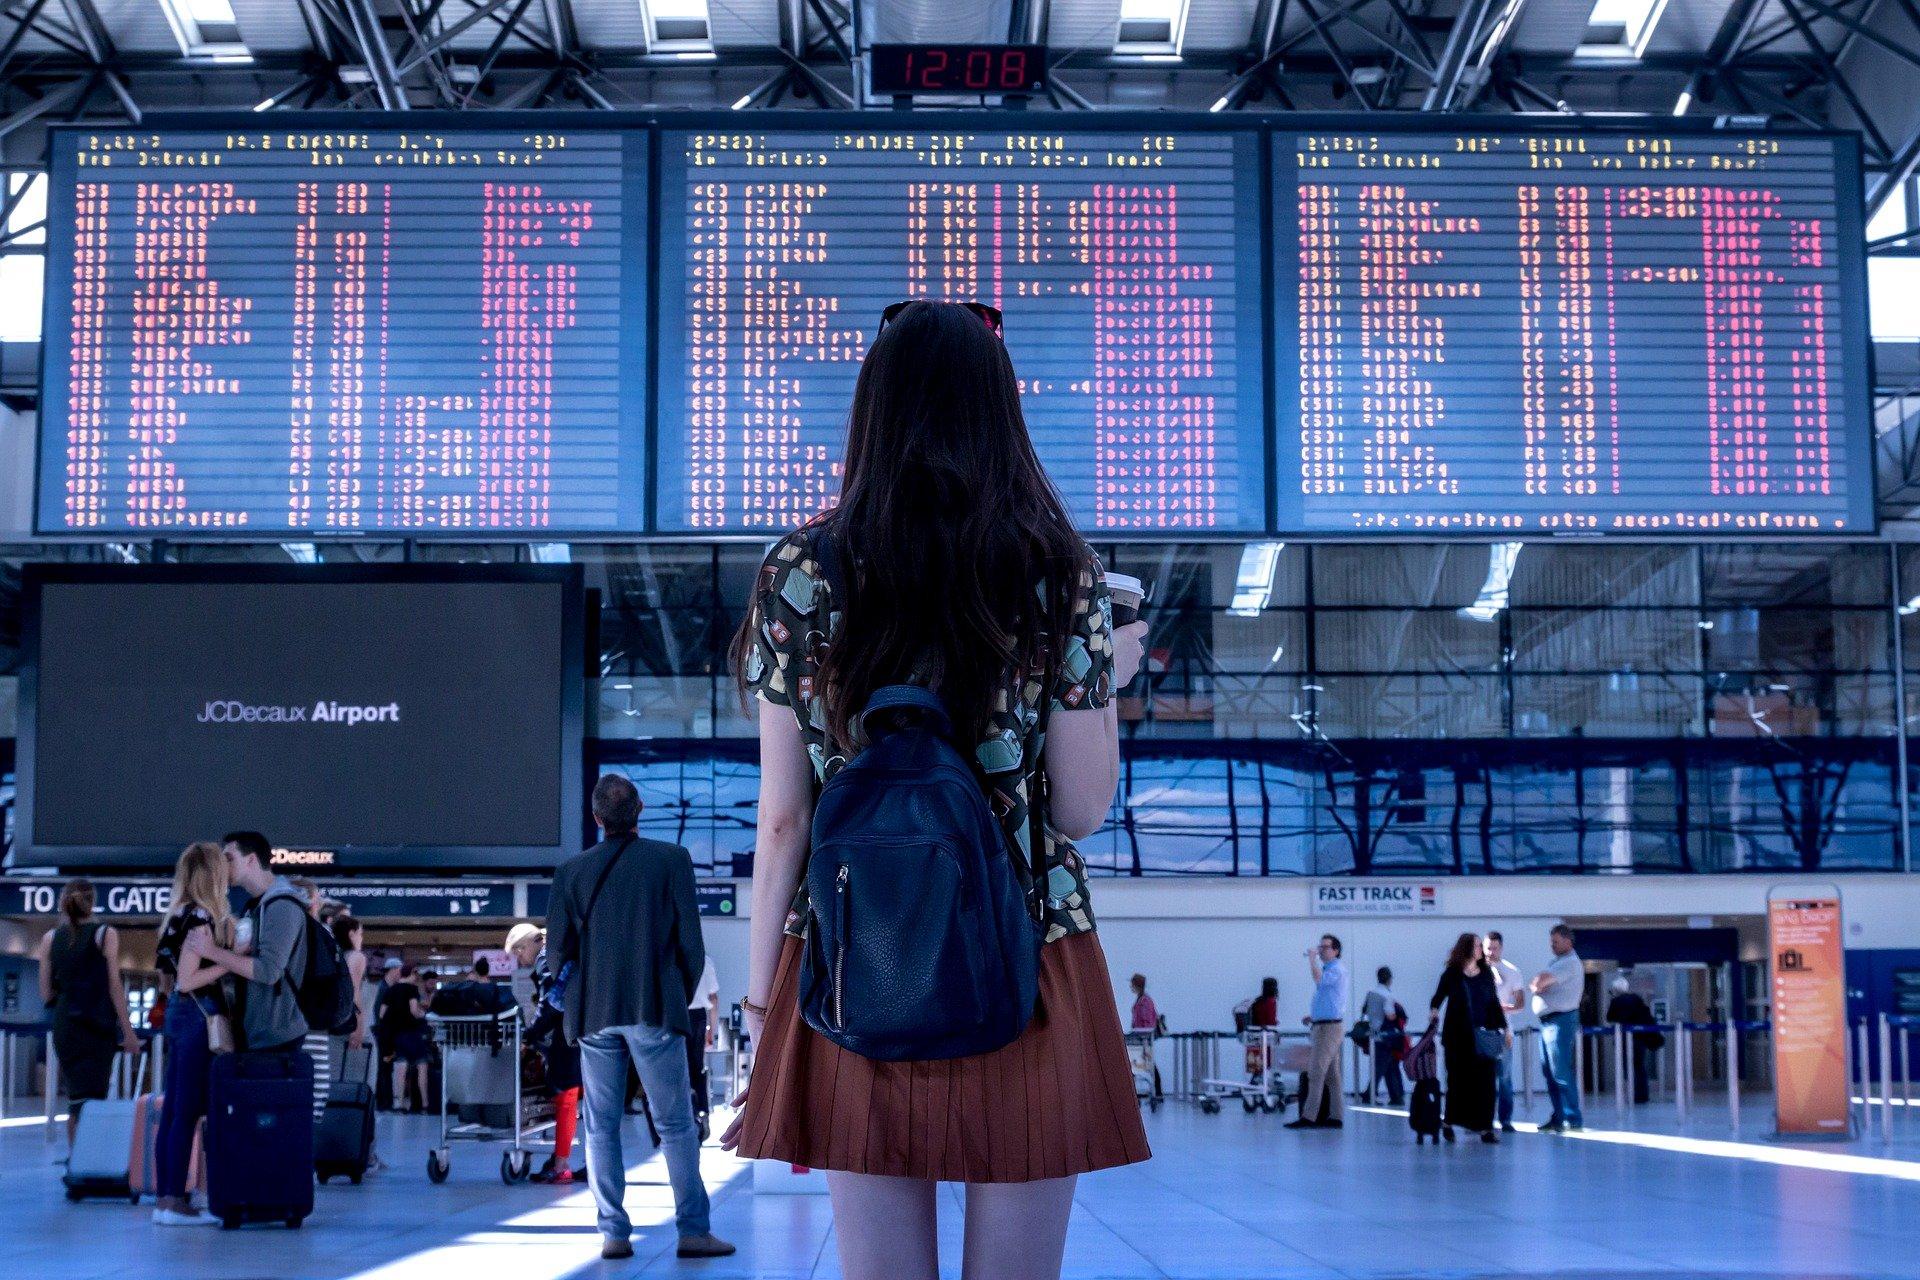 Na imagem há uma mulher em um saguão de aeroporto, vendo o painel dos embarques e desembarques.